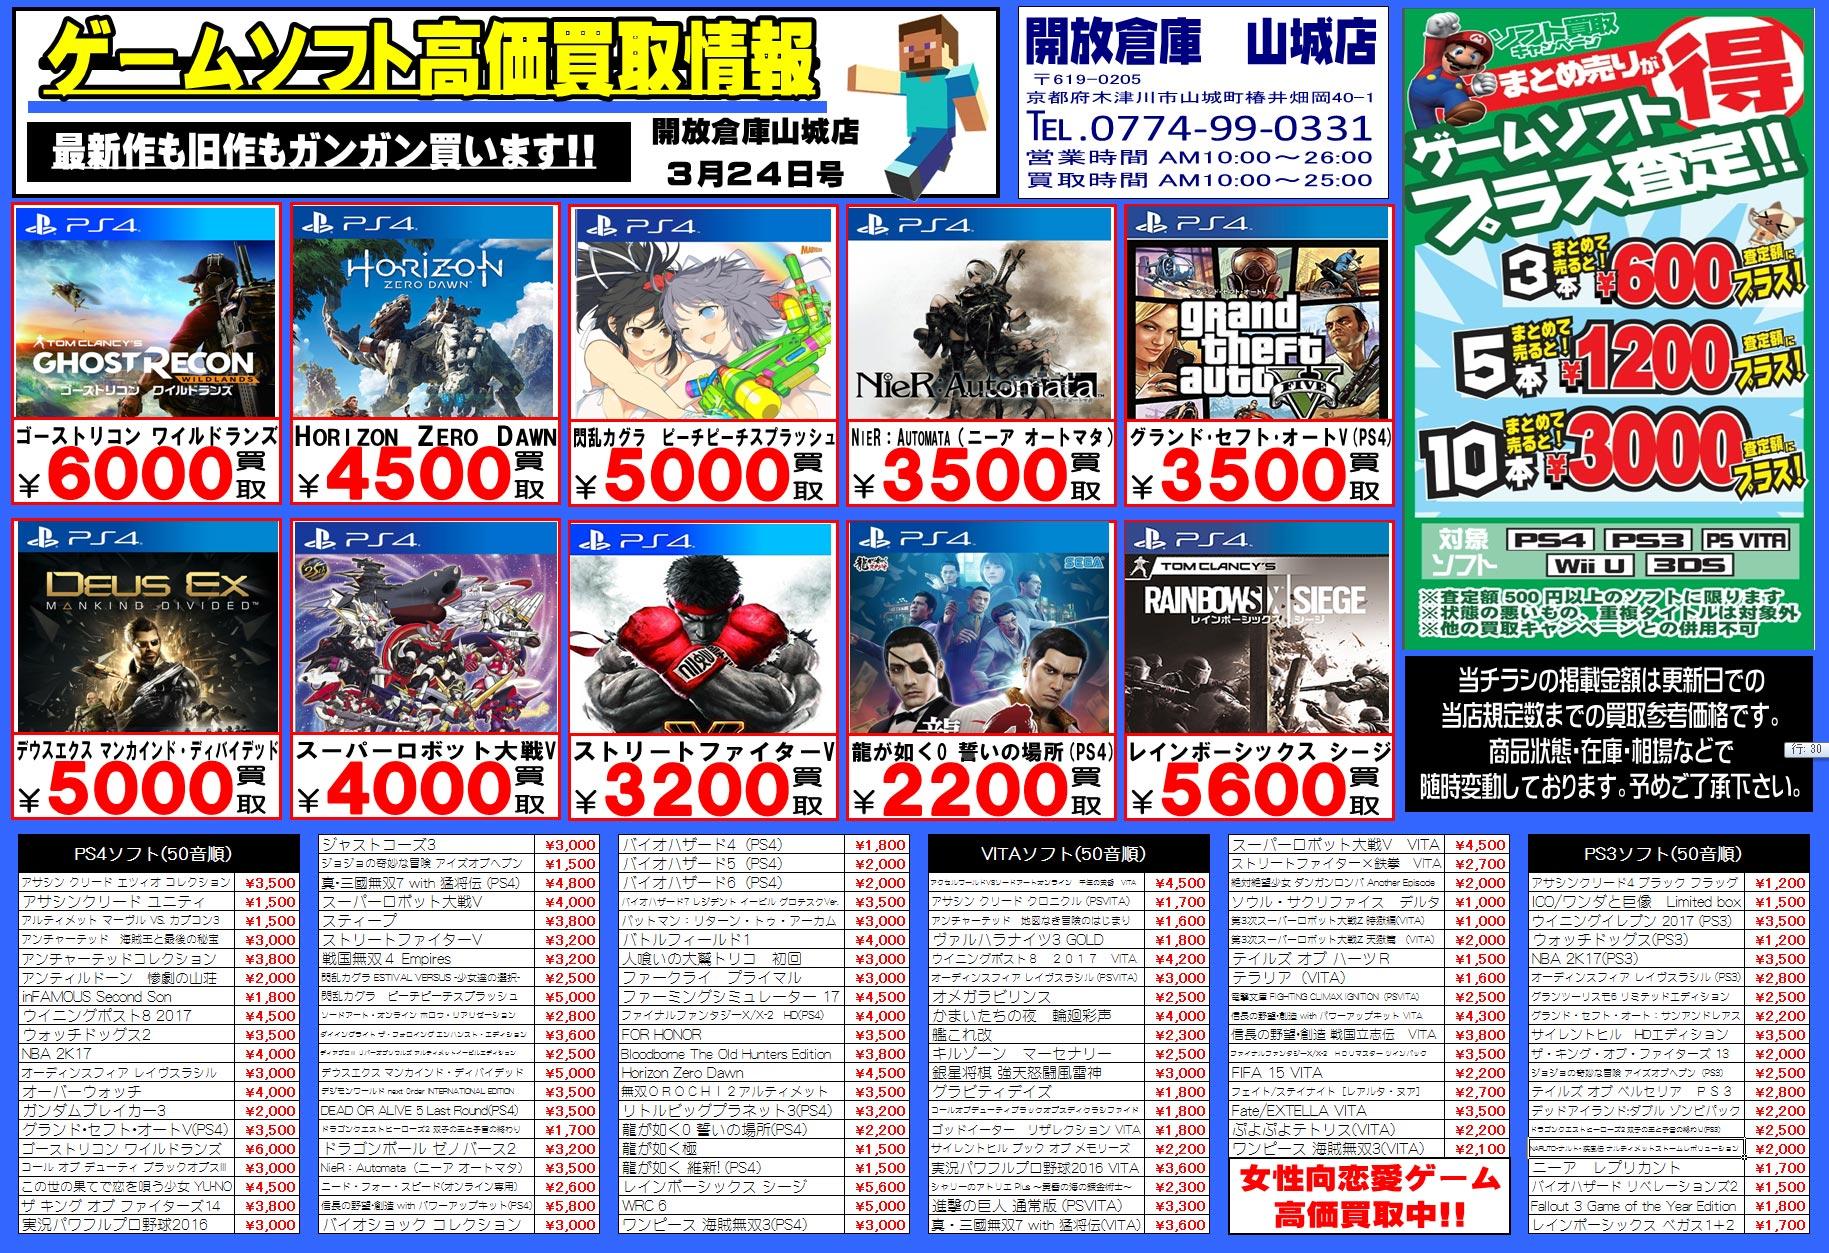 「開放倉庫山城店」2017年3月24日号ゲームソフトの高価買取情報!!